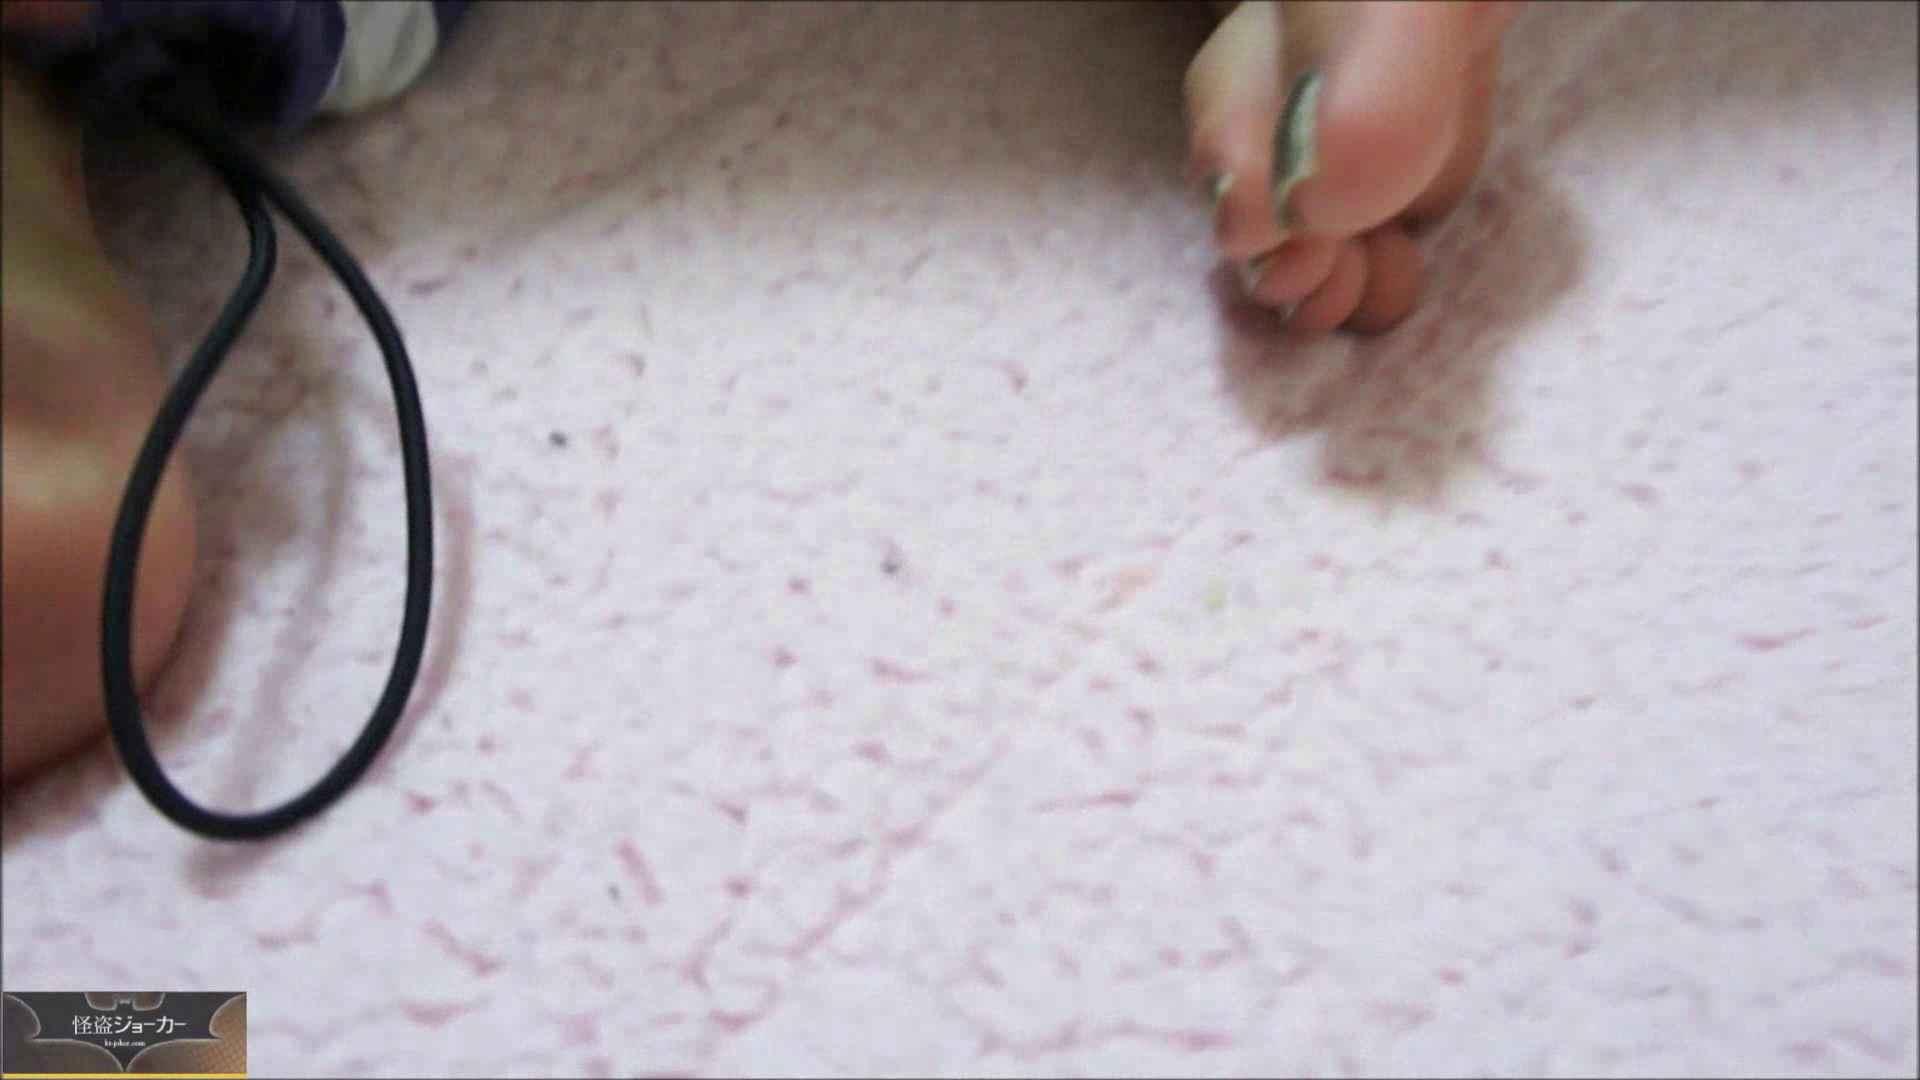 【未公開】vol.26 目民るレイカを突いて・・・ 学校潜伏 盗撮セックス無修正動画無料 76pic 26